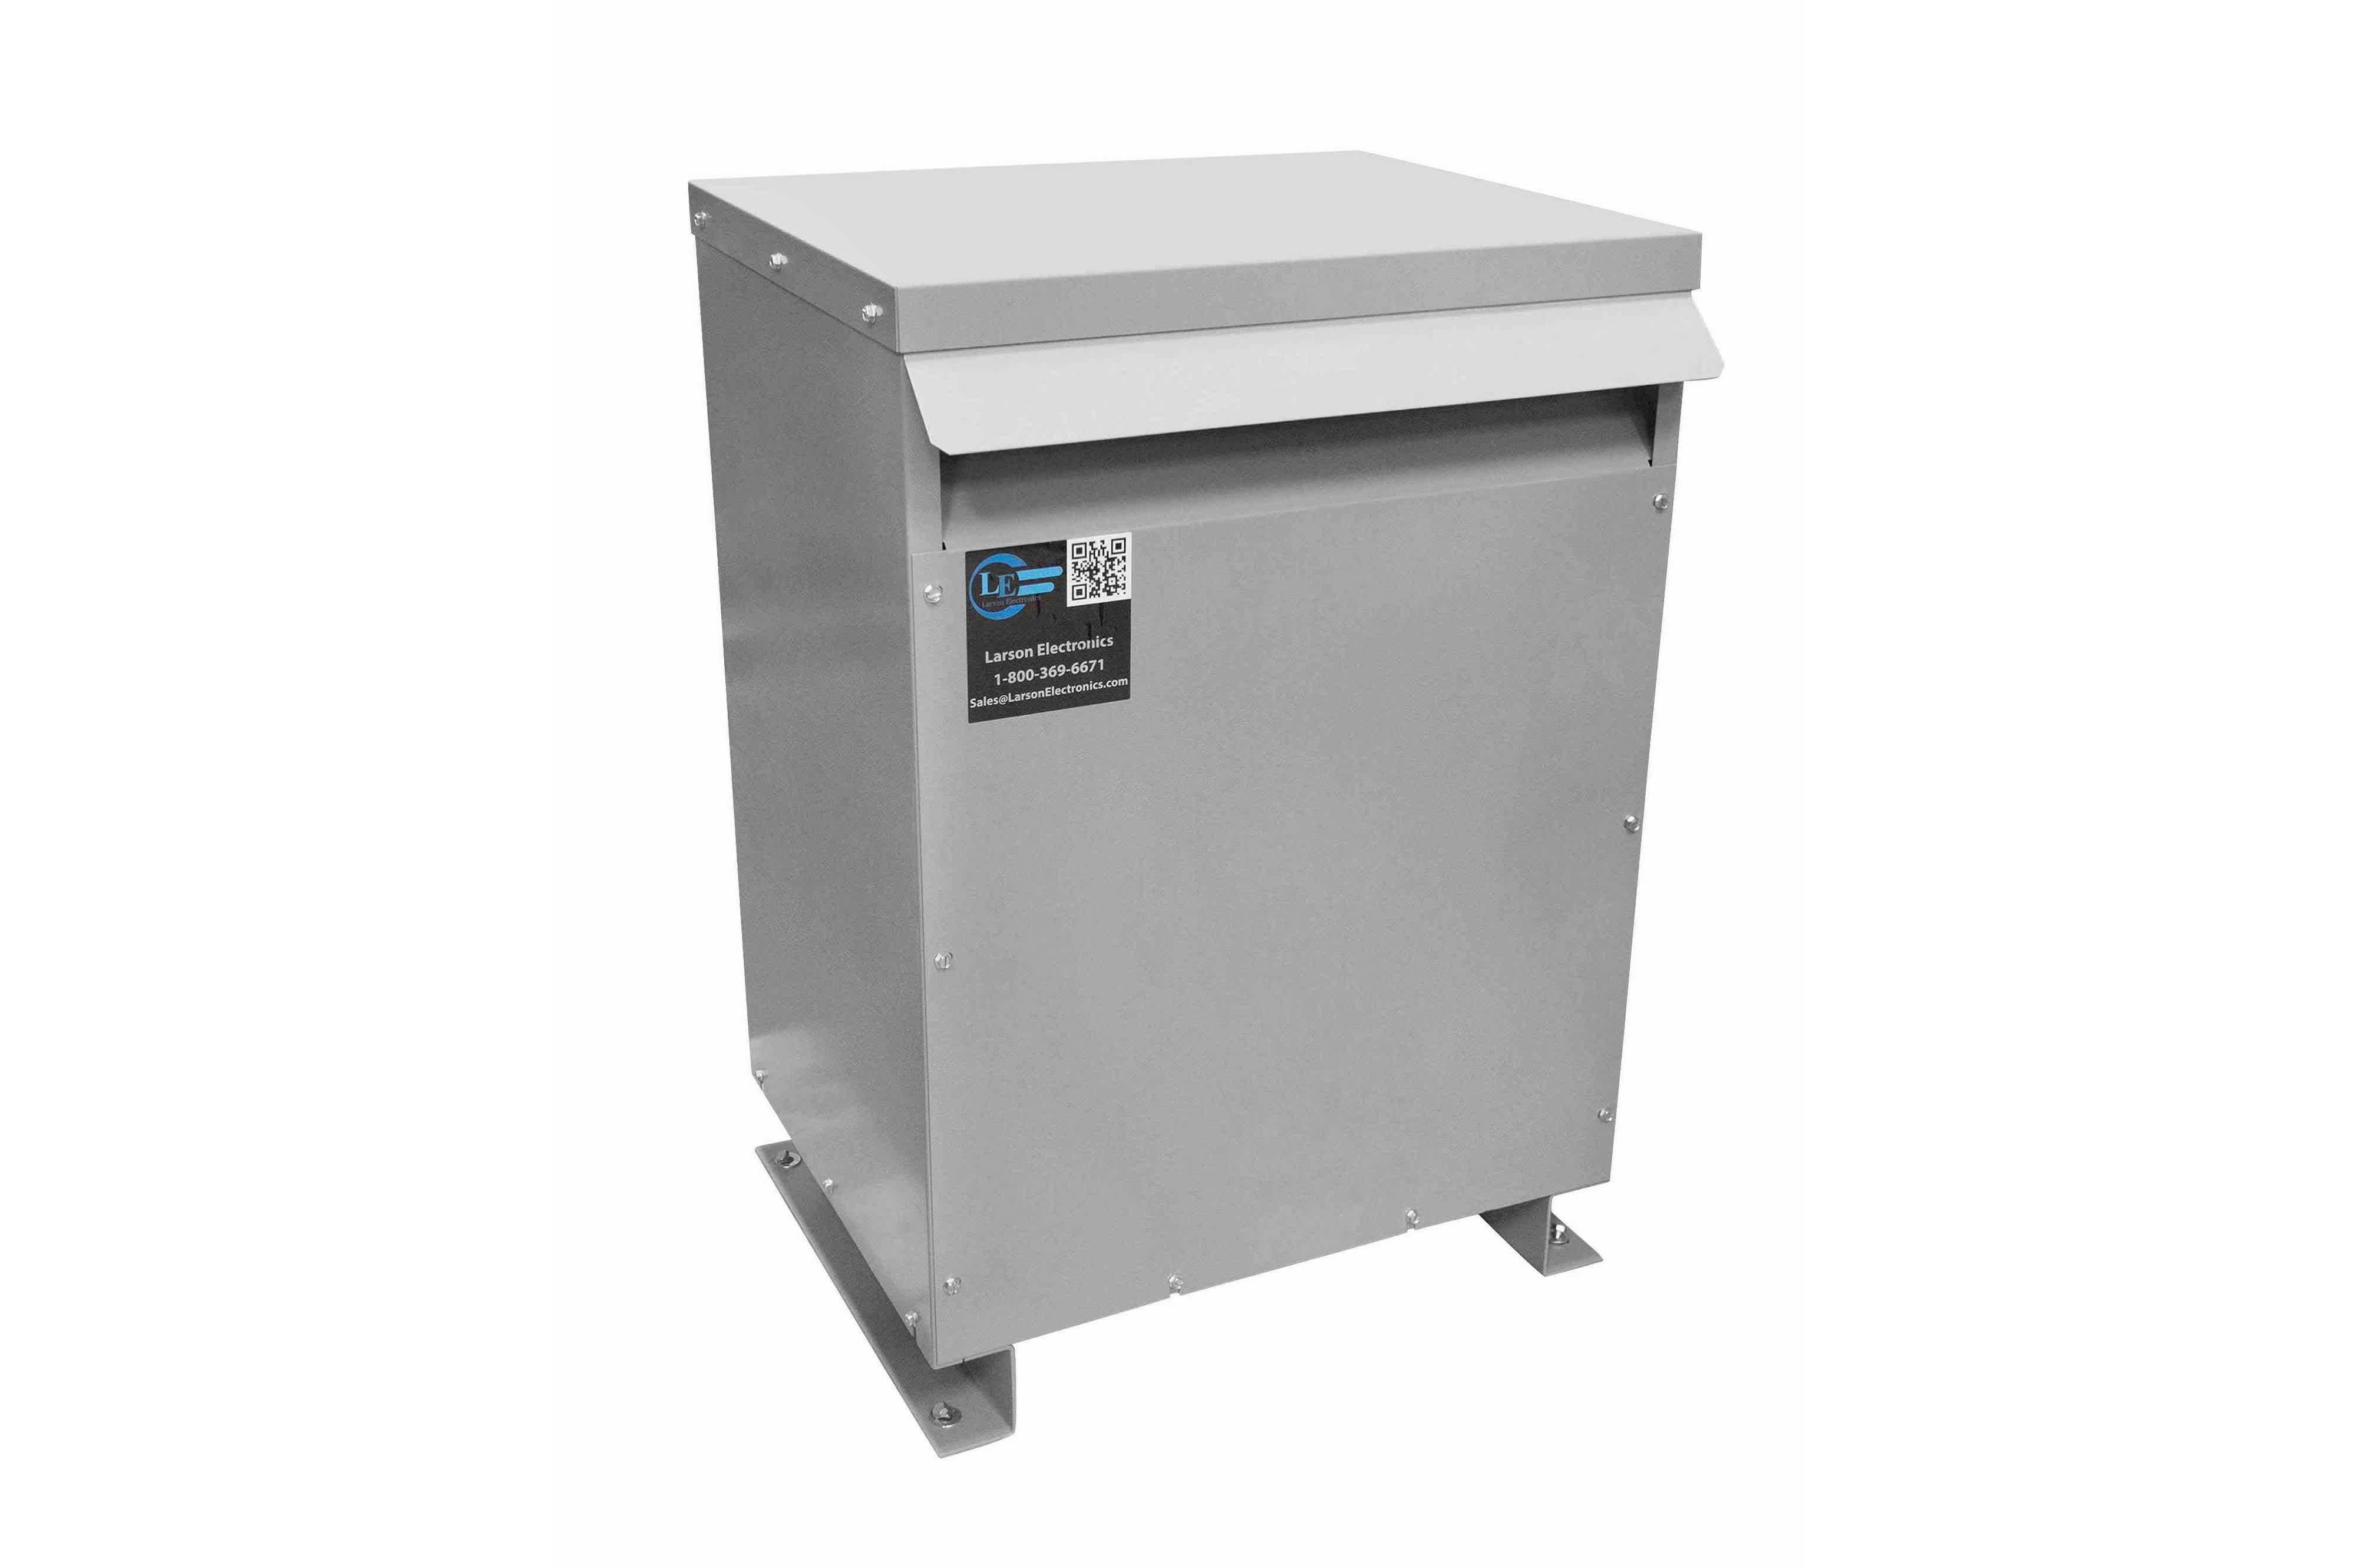 750 kVA 3PH DOE Transformer, 380V Delta Primary, 240V/120 Delta Secondary, N3R, Ventilated, 60 Hz